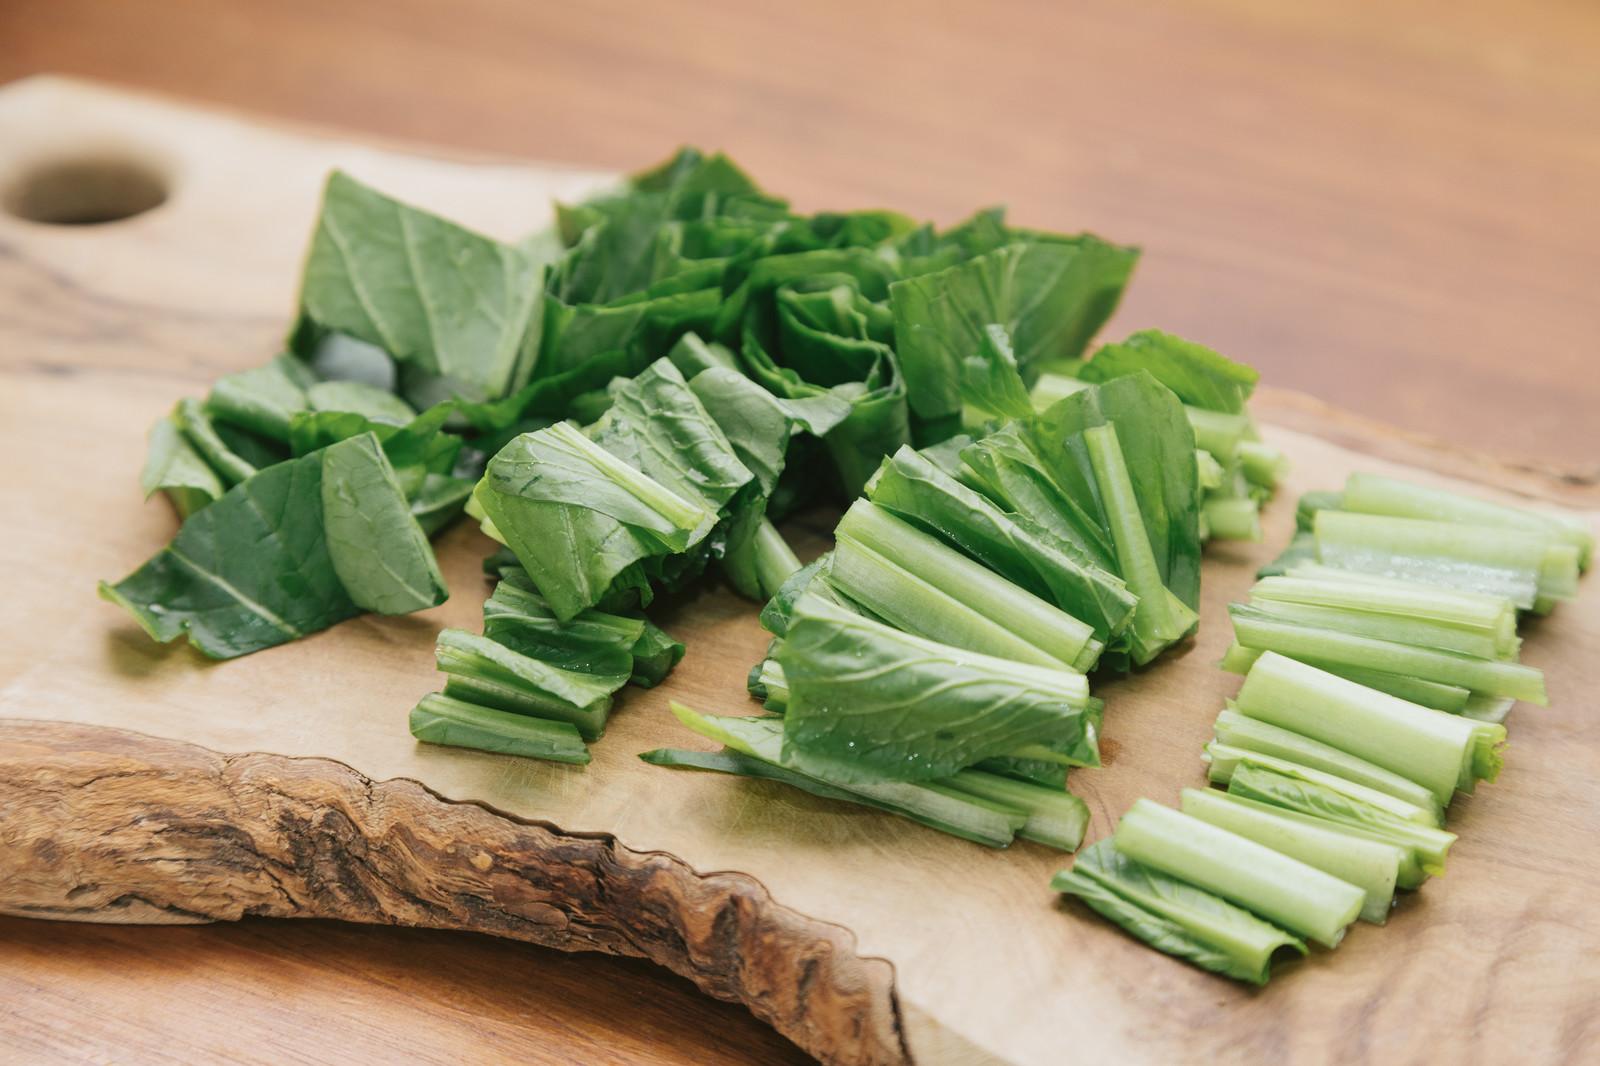 徳川将軍が命名した葉物野菜は小松菜?白菜?|ことば検定7月30日